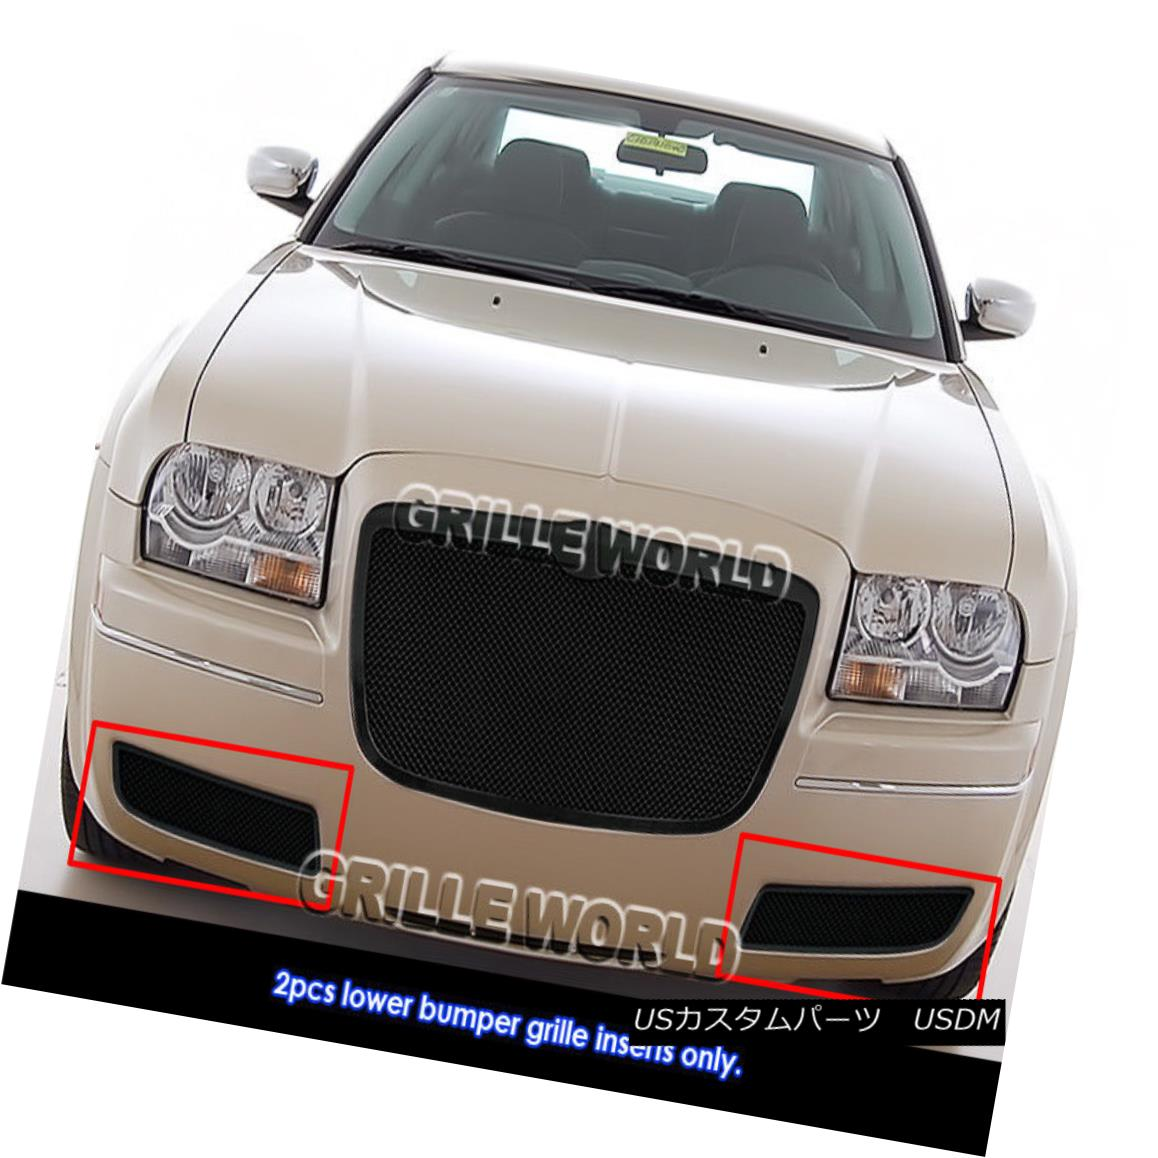 グリル 2005-2010 Chrysler 300 Stainless Steel Bumper Black Mesh Grille Grill Insert 2005-2010クライスラー300ステンレスバンパーブラックメッシュグリルグリルインサート